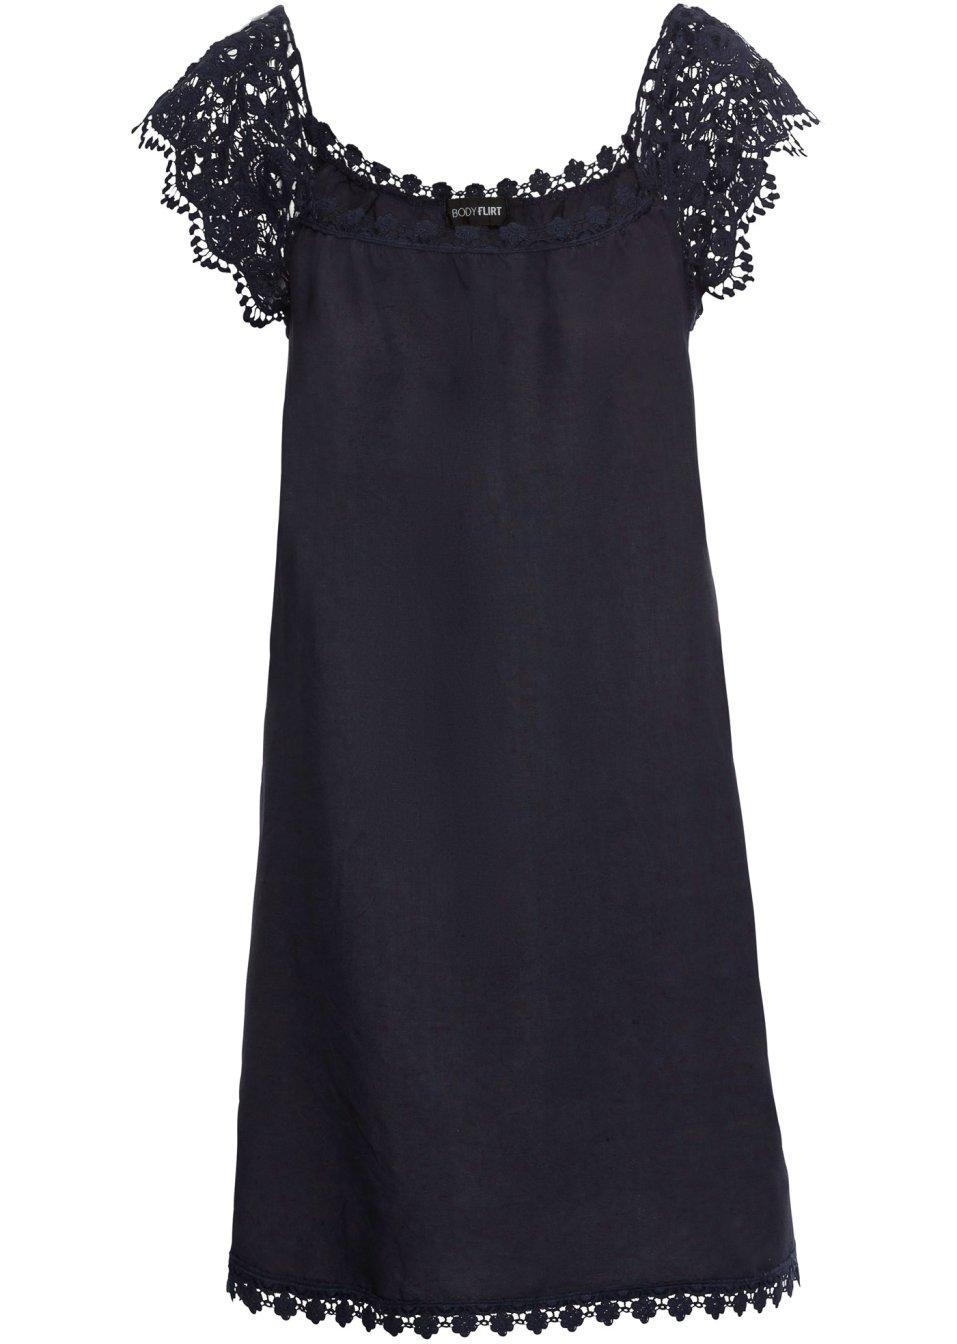 Romantisch-verspieltes Kleid aus Leinen mit Spitzendetails - dunkelblau 4iVjE Qux8o